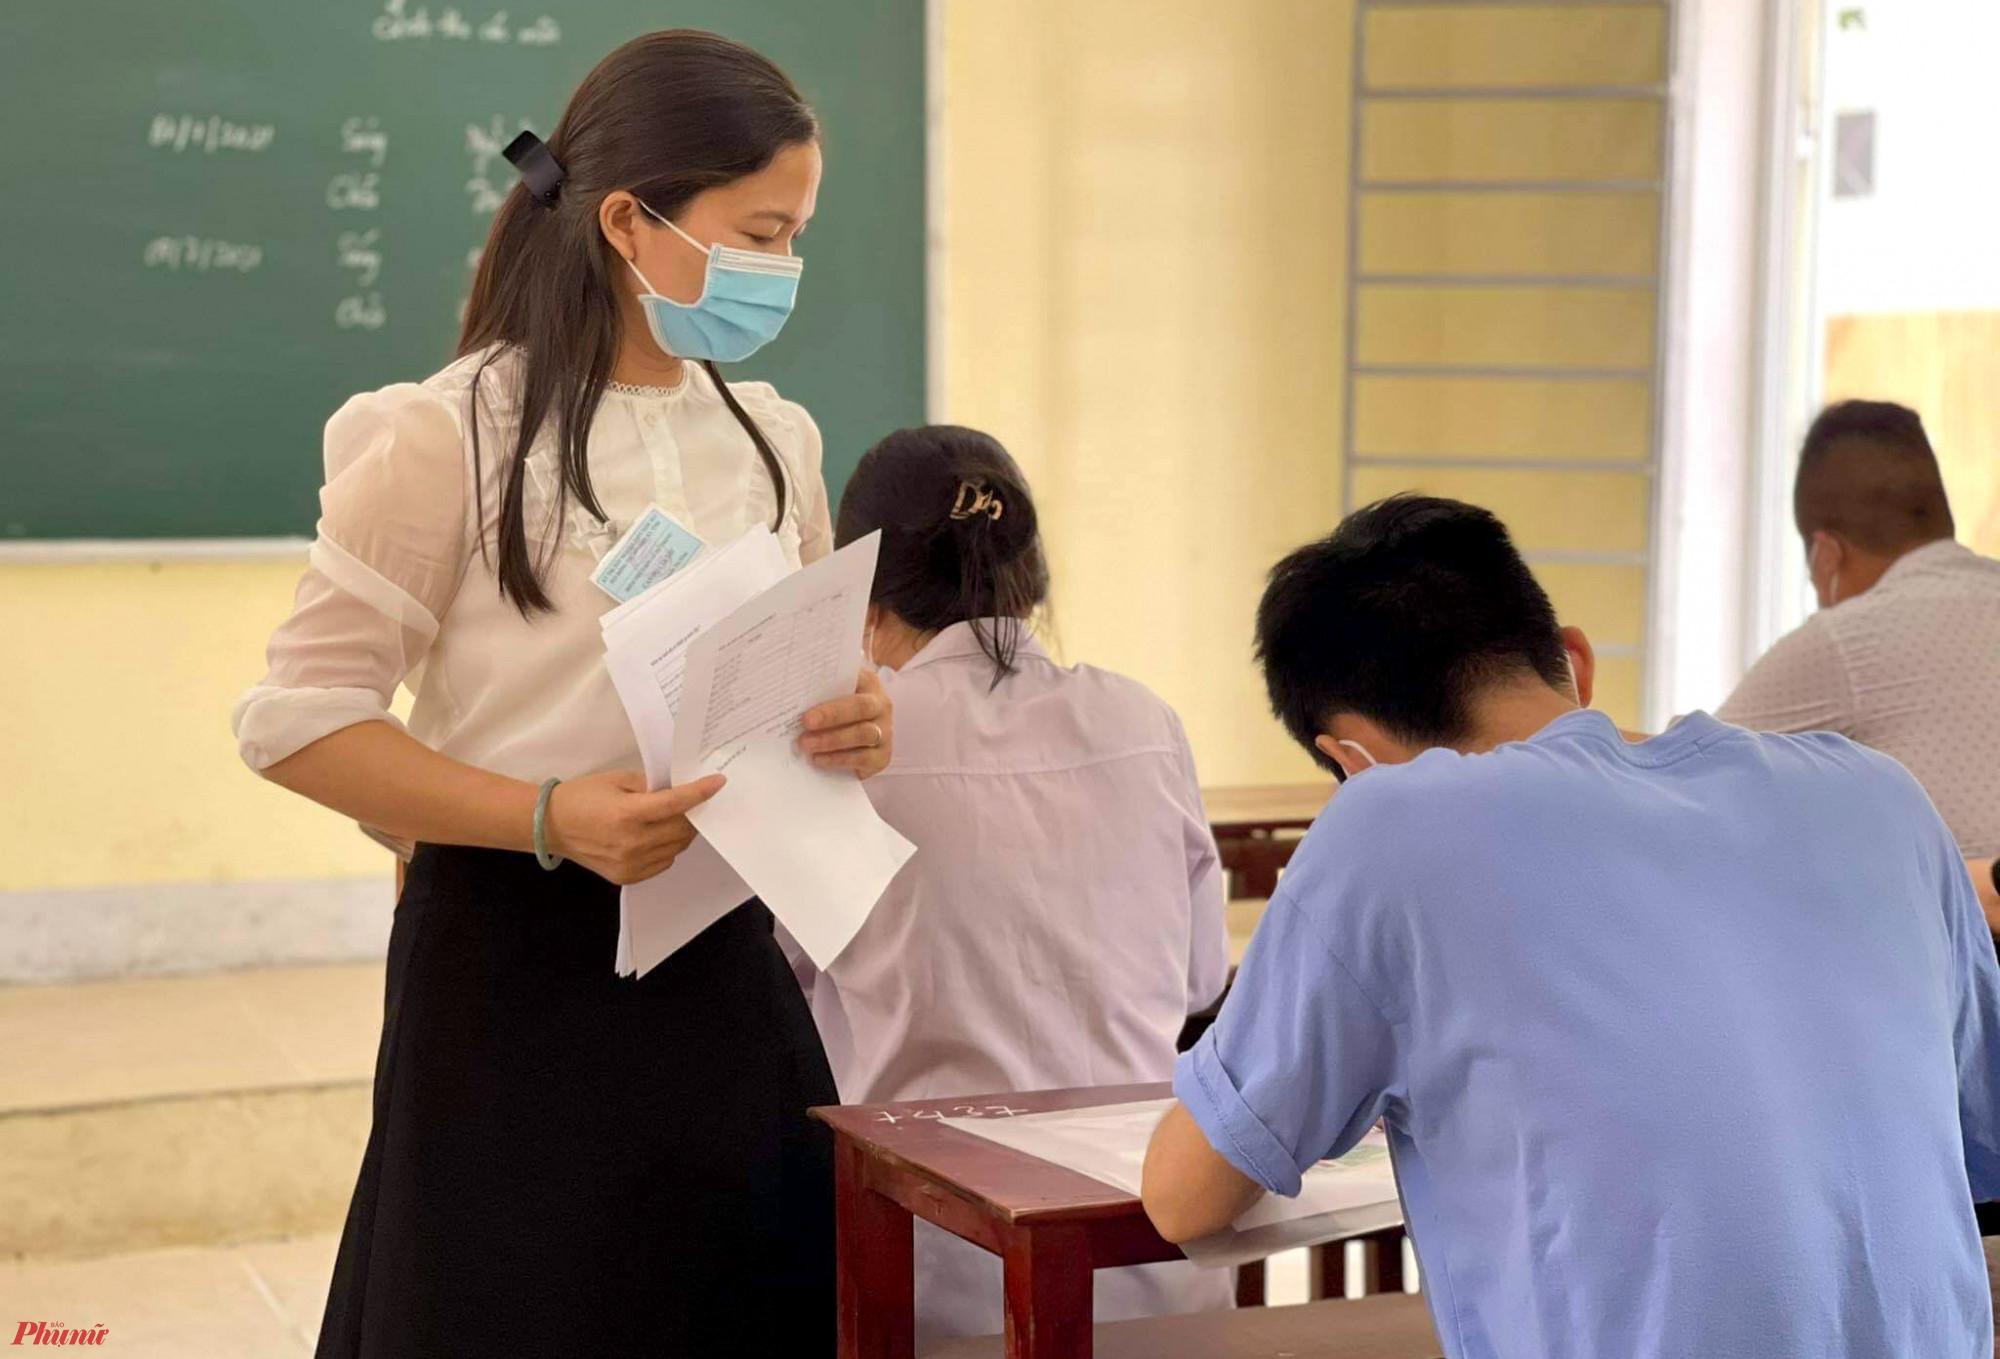 Thí sinh được nhắc nhở luôn đeo khẩu trang trong quá trình làm bài thi